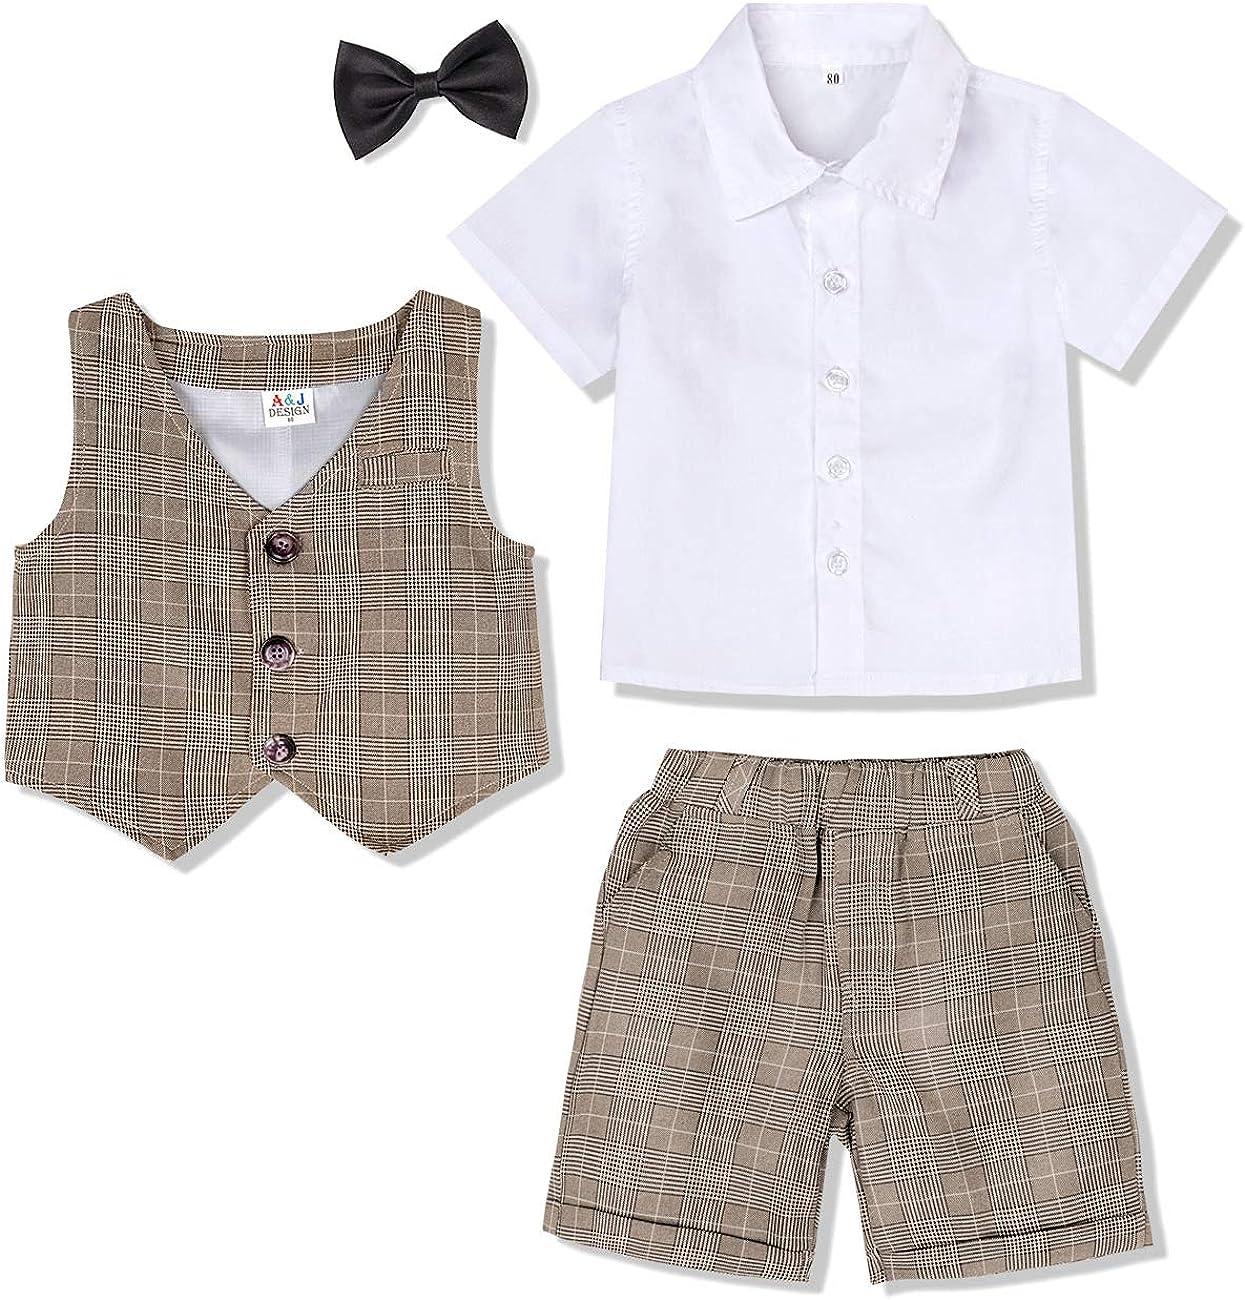 3pcs Suit Shirt /& Vest /& Shorts A/&J DESIGN Baby Boys Gentleman Outfits Sets